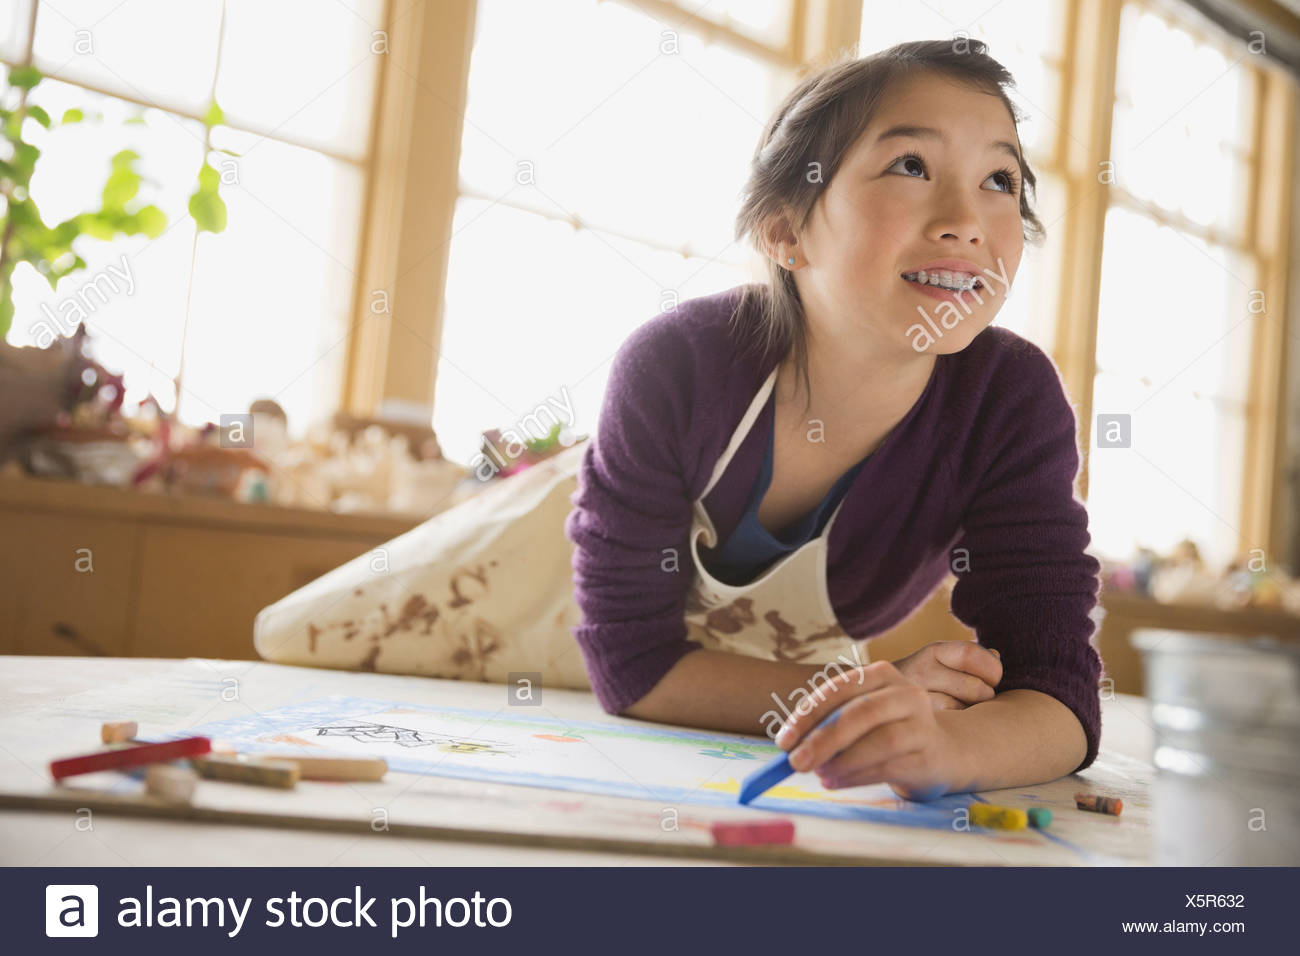 Mädchen zeichnen mit Pastellkreiden im Kunstunterricht Stockbild